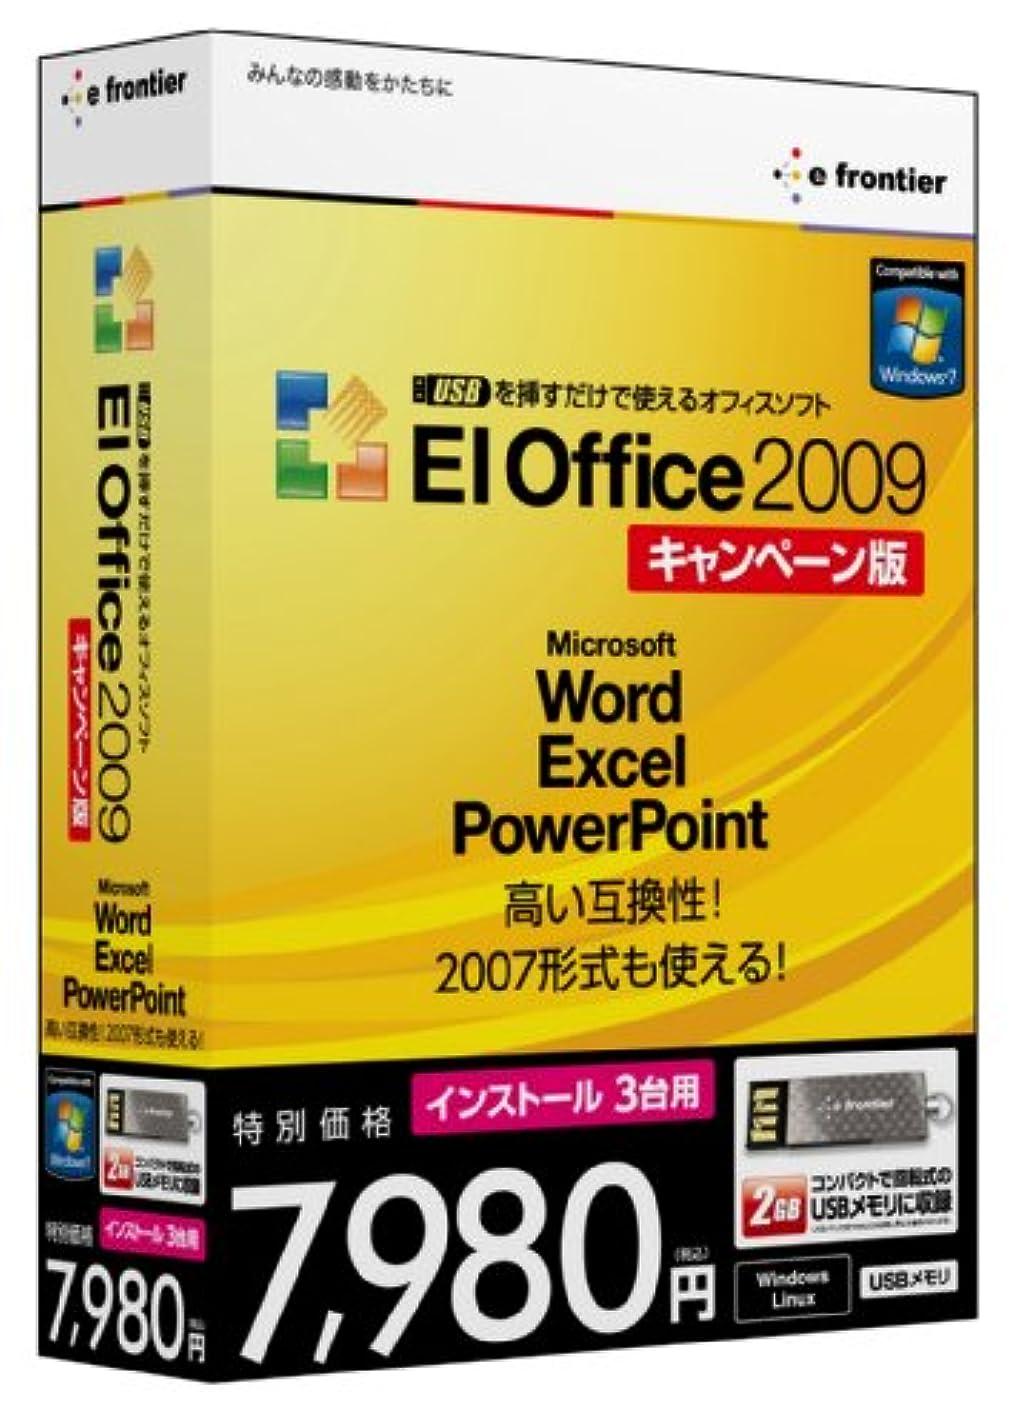 頭痛トリプル人差し指USBを挿すだけで使えるオフィスソフト EIOffice2009 +3PC キャンペーン版